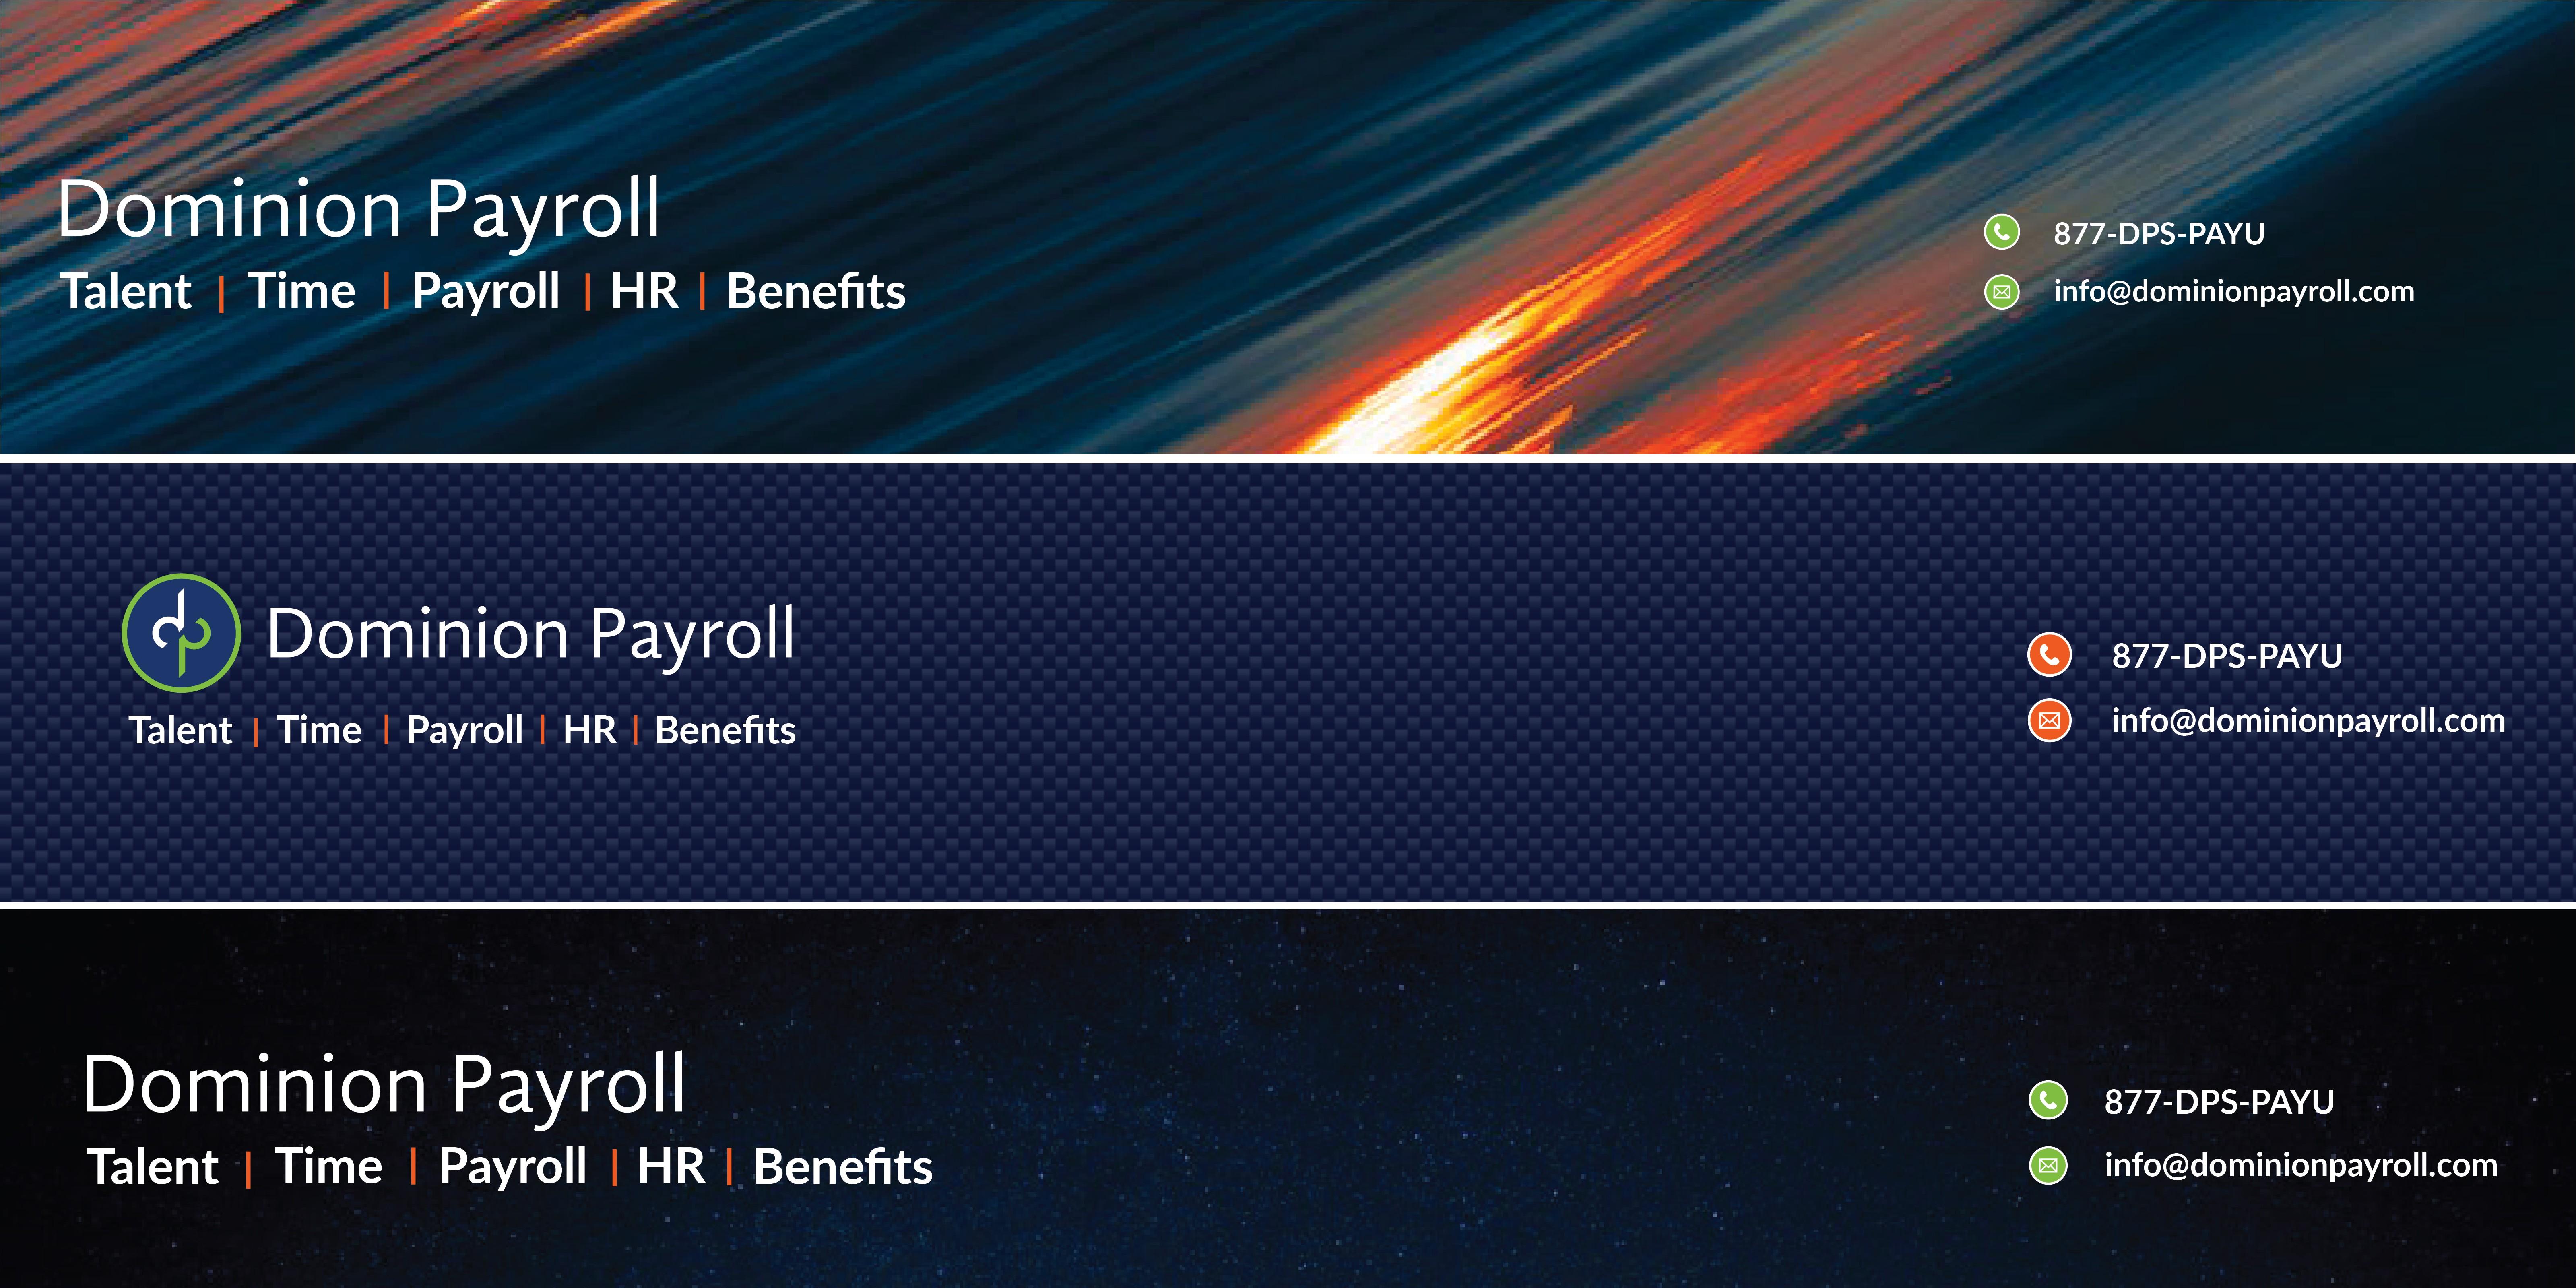 Dominion Payroll | LinkedIn